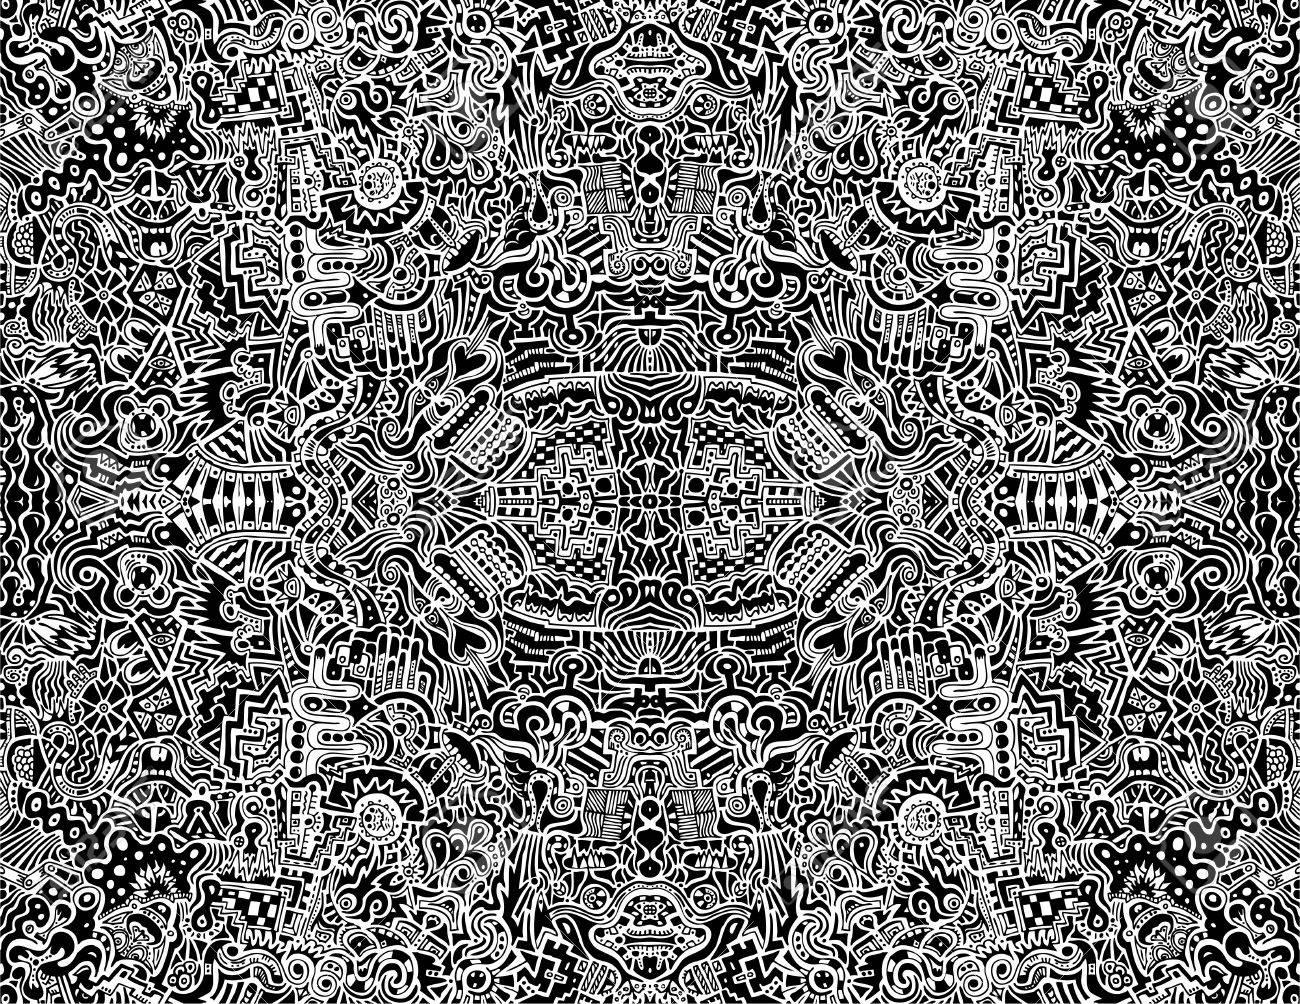 非常に複雑な対称的な抽象的なシ...